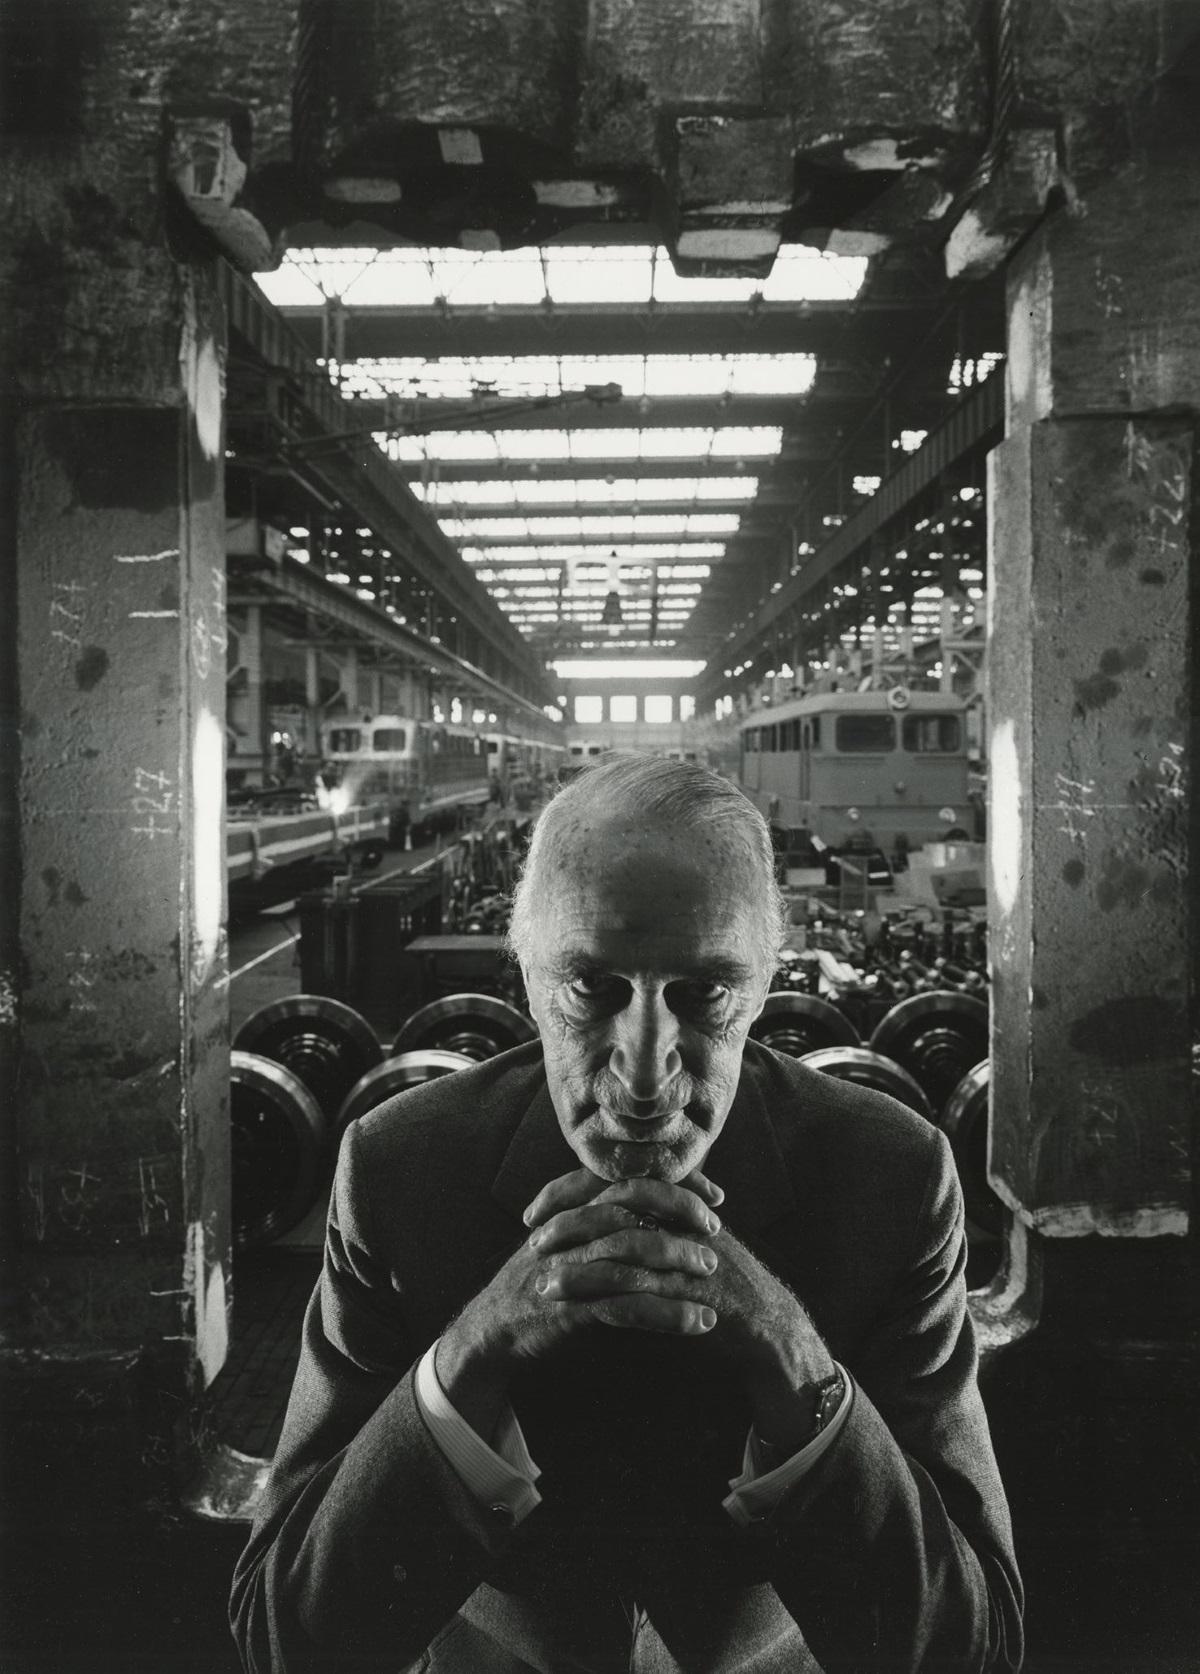 Алфред Круп, Германия (1963 г.). Когато разбрал, че Нюмън е евреин, индустриалецът отказал той да го снима. Нюмън помолил Круп първо да види портфолиото му, след като разгледал снимките - фотографът направил портрета на германеца.